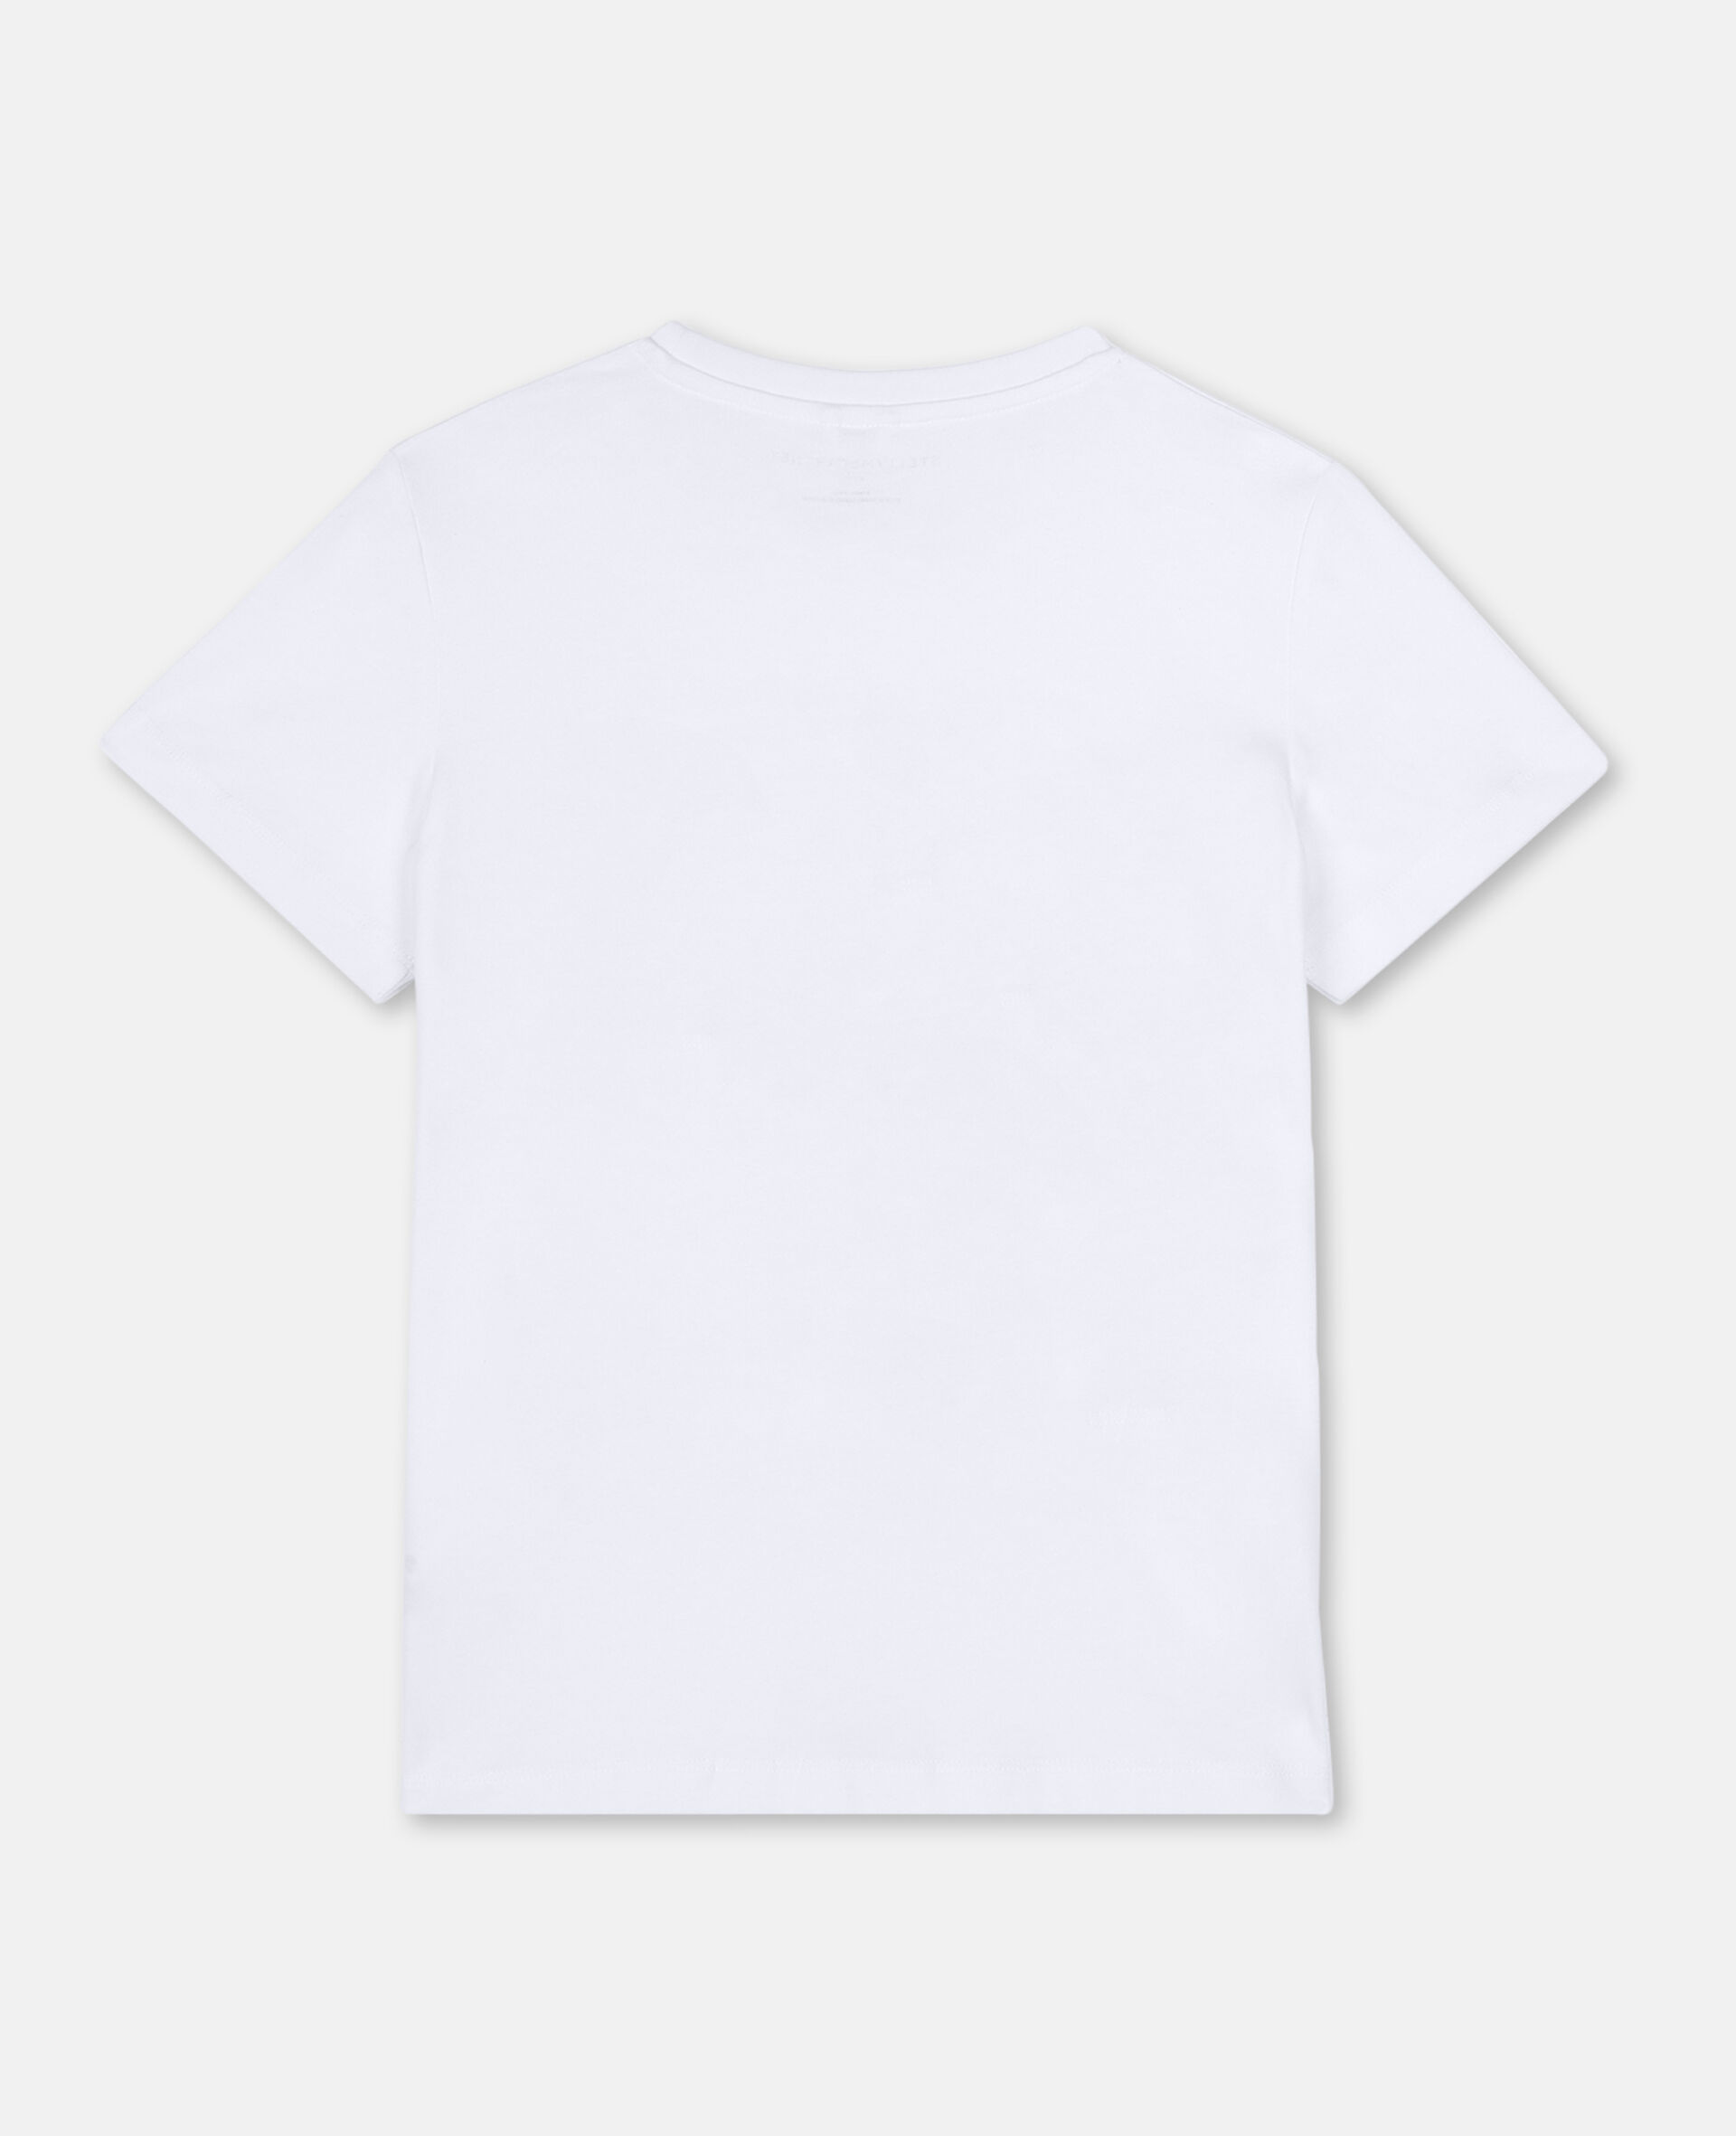 3D Binocular Cotton T-shirt -White-large image number 3